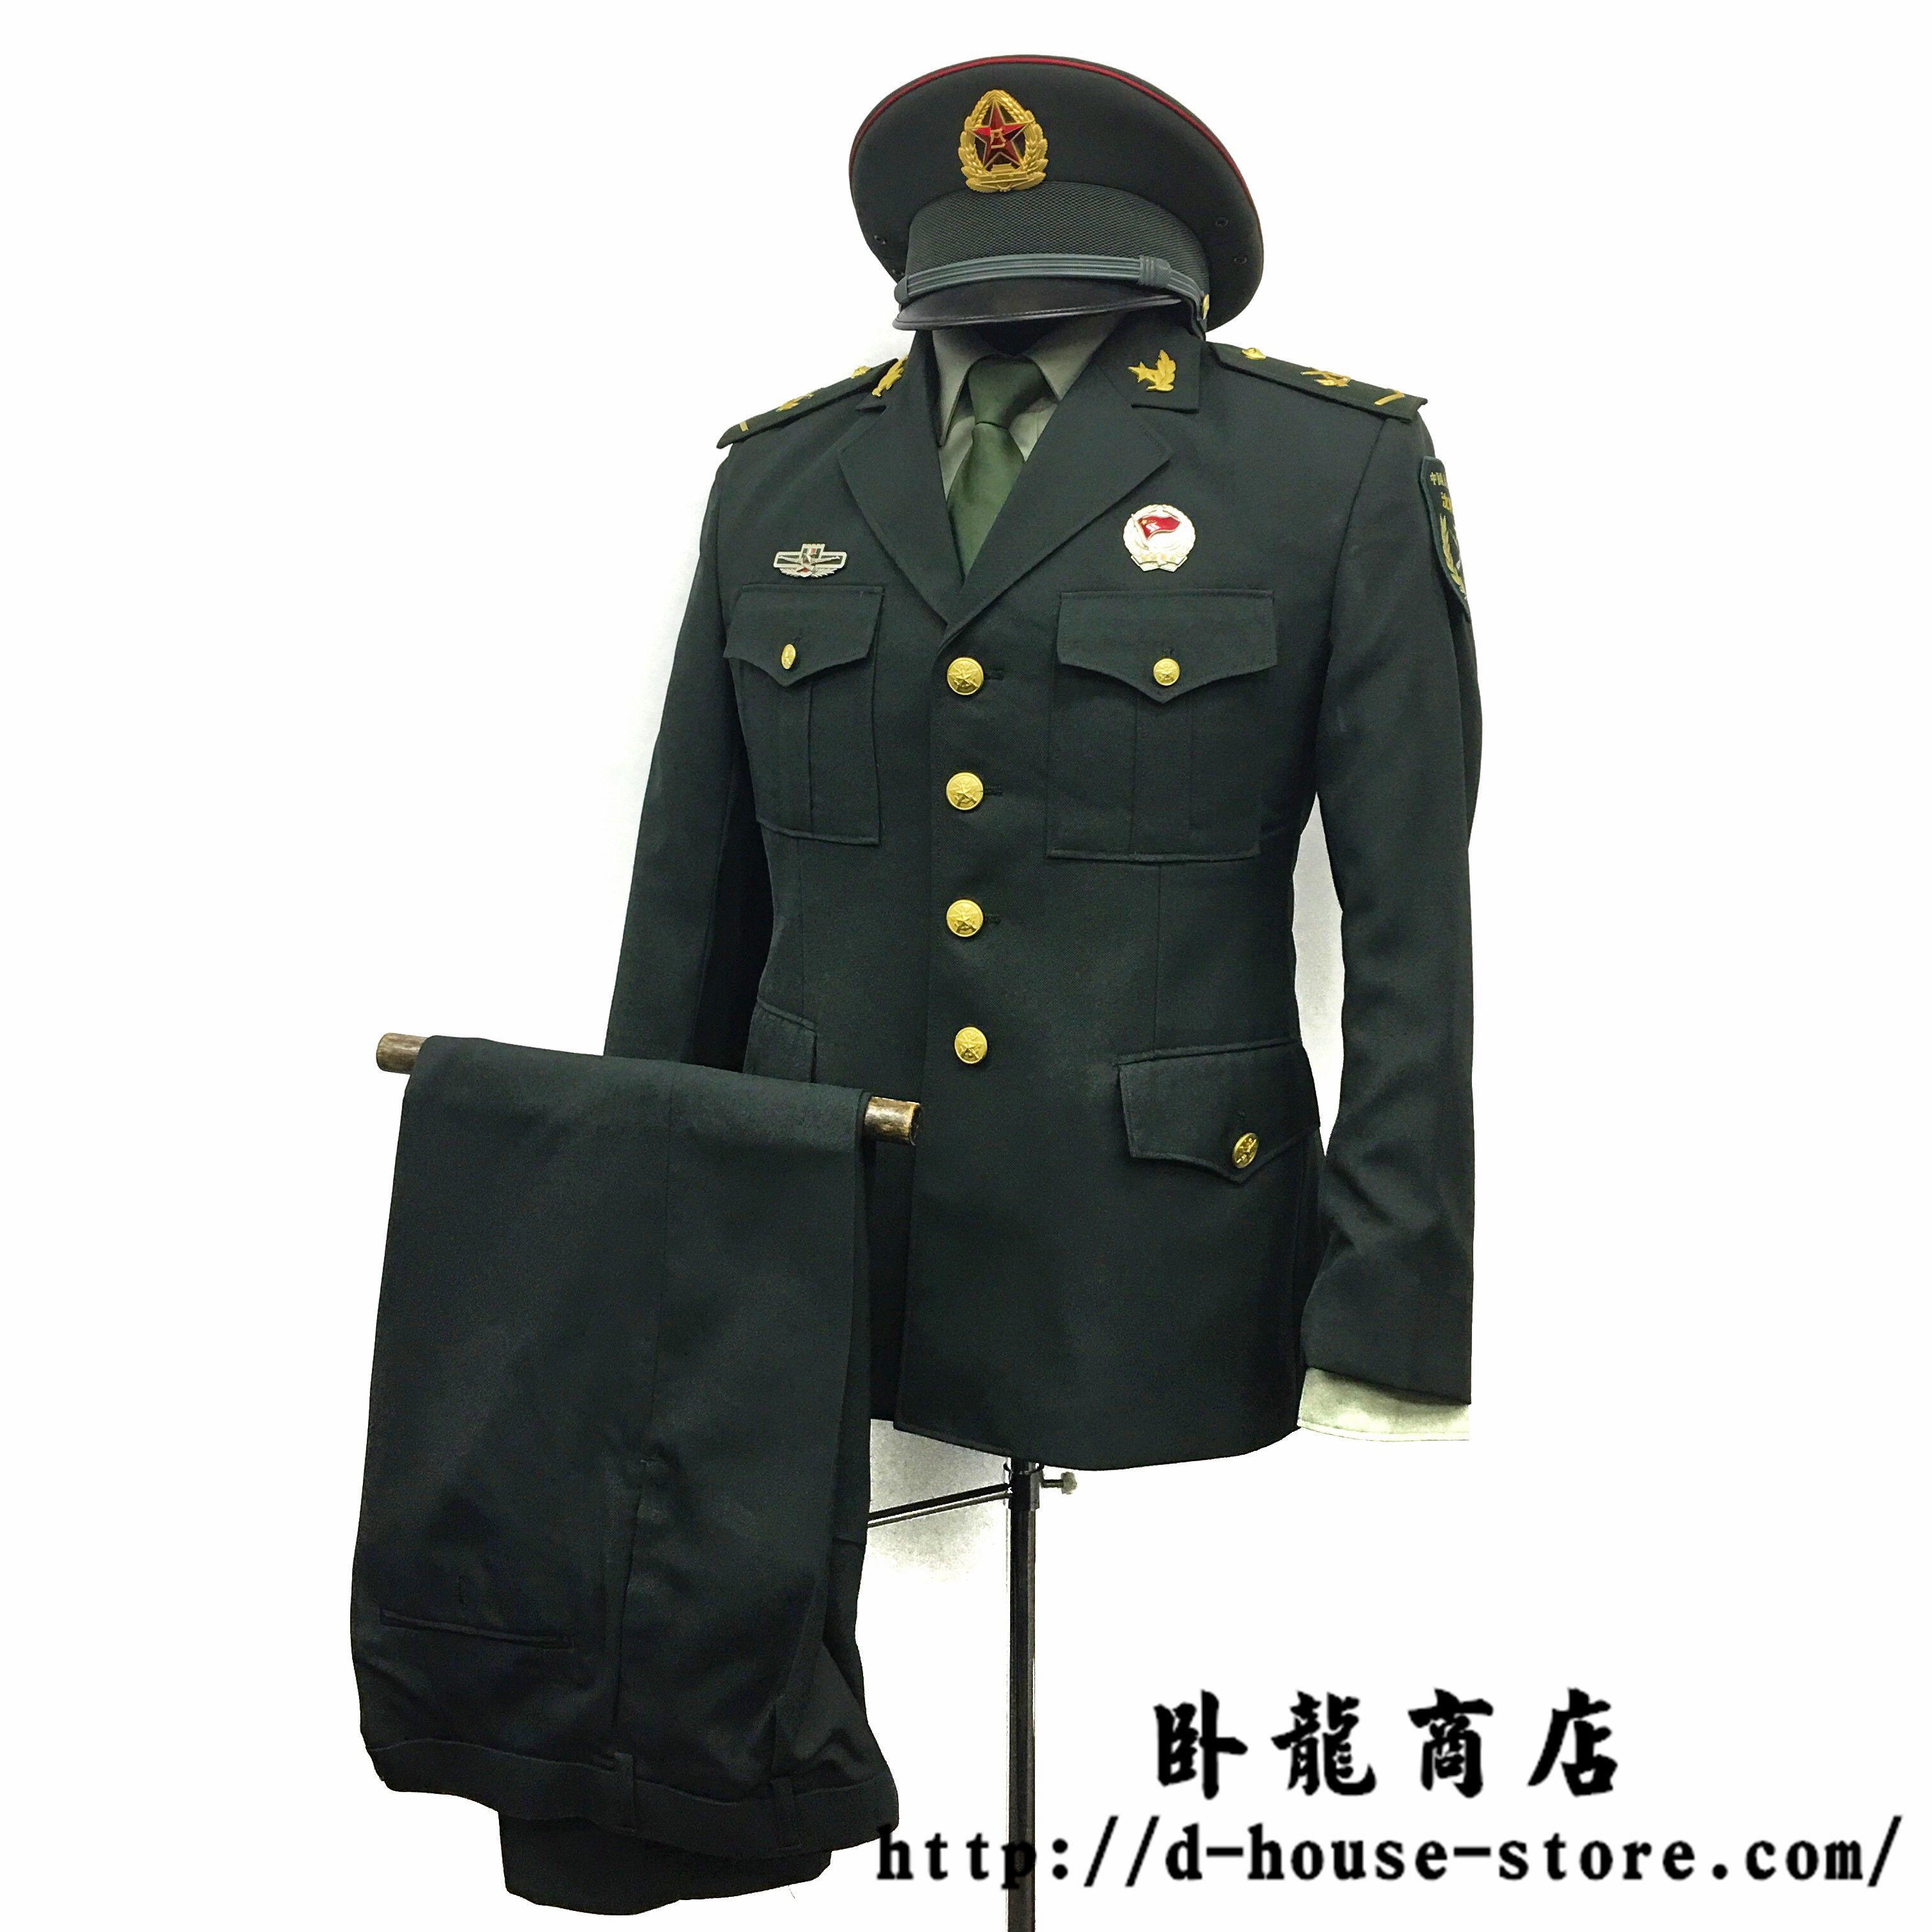 【送料無料】中国人民解放軍 07式陸軍 兵士春秋制服 一式セット